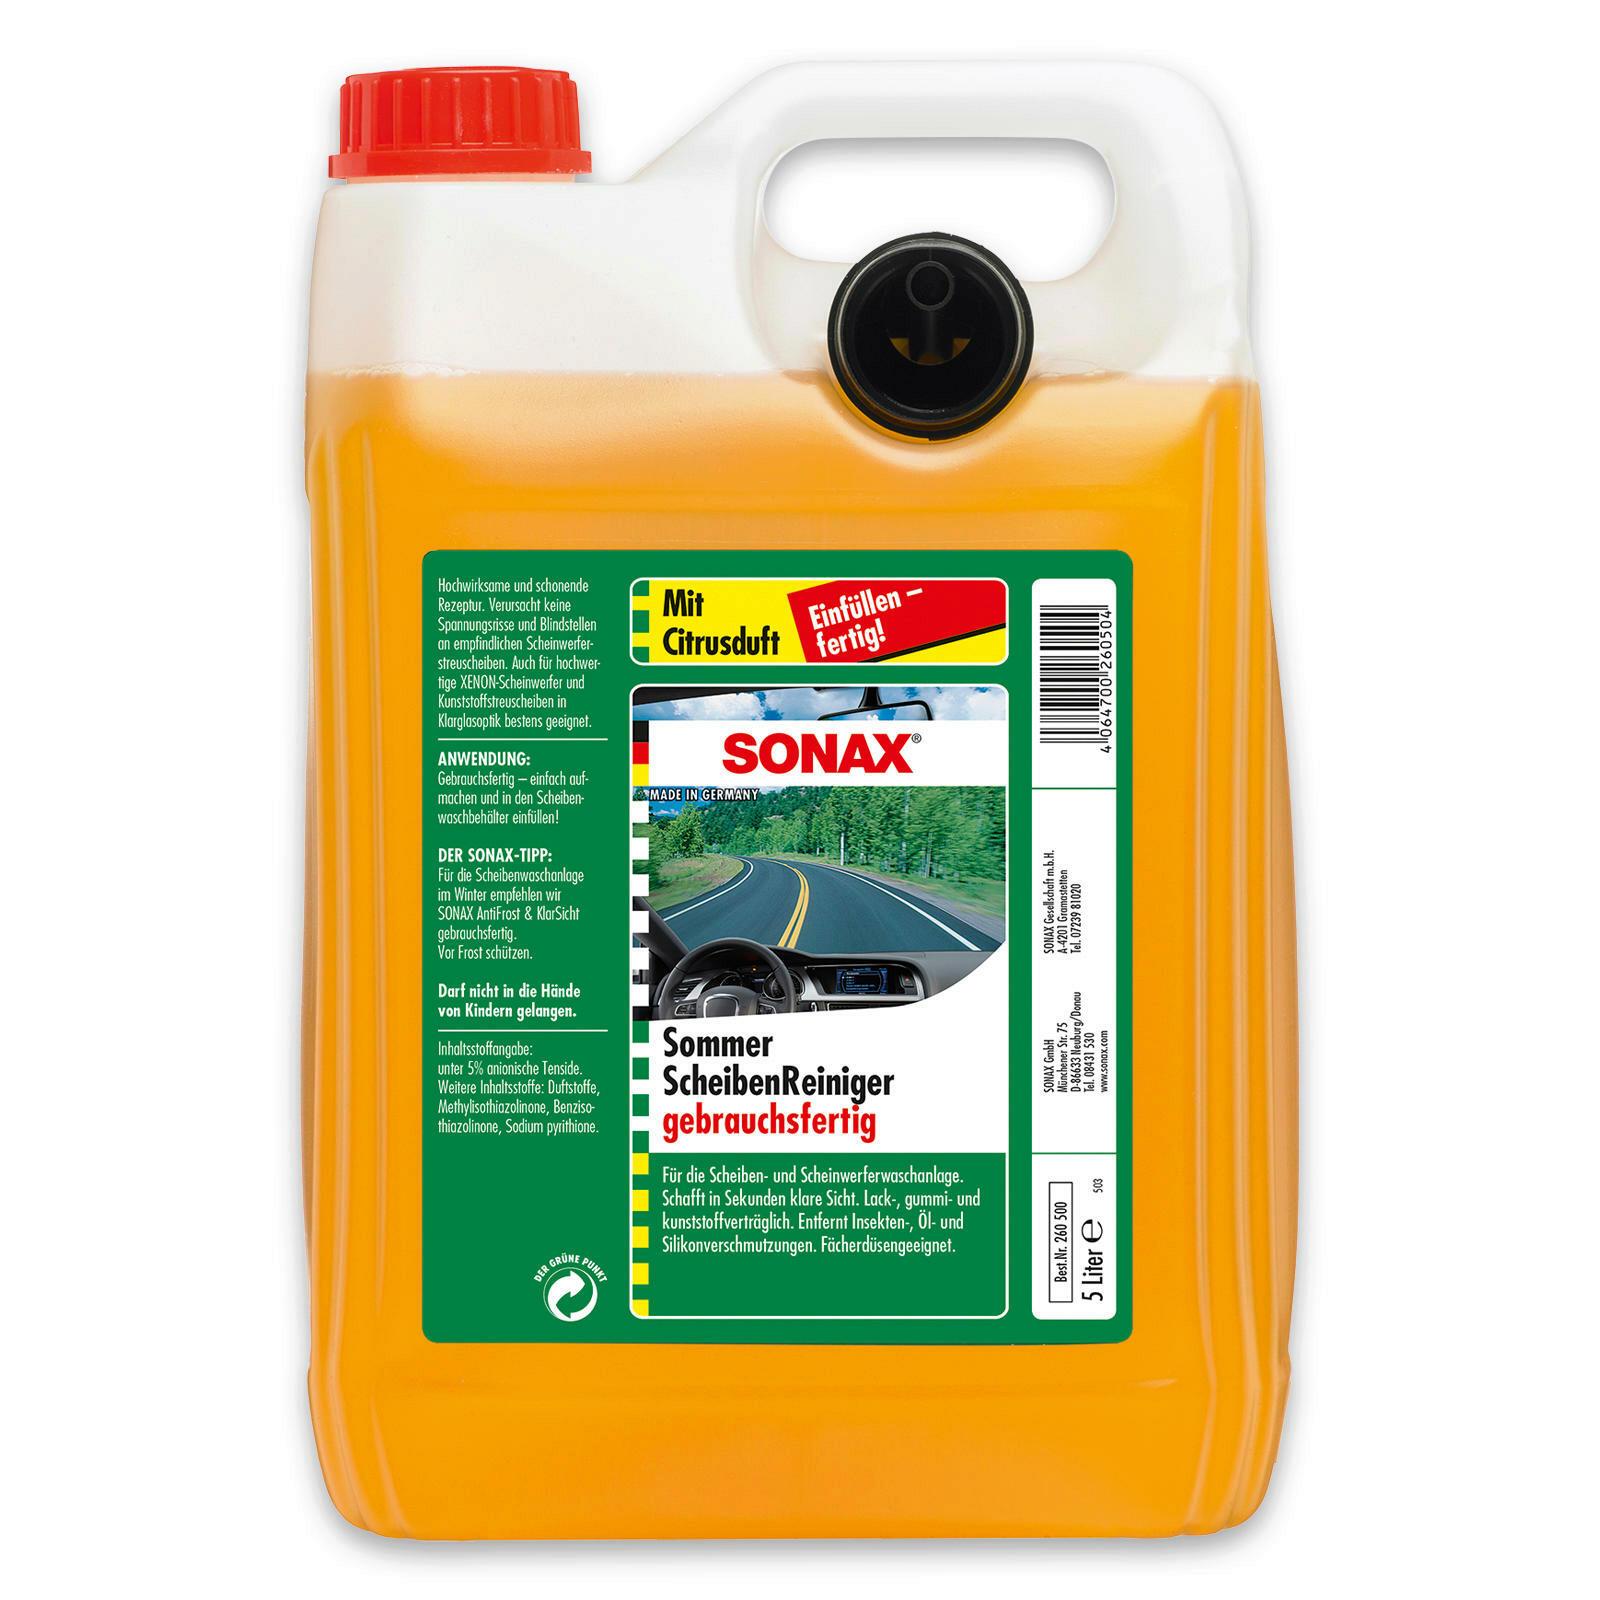 SONAX ScheibenReiniger gebrauchsfertig Citrus 5l